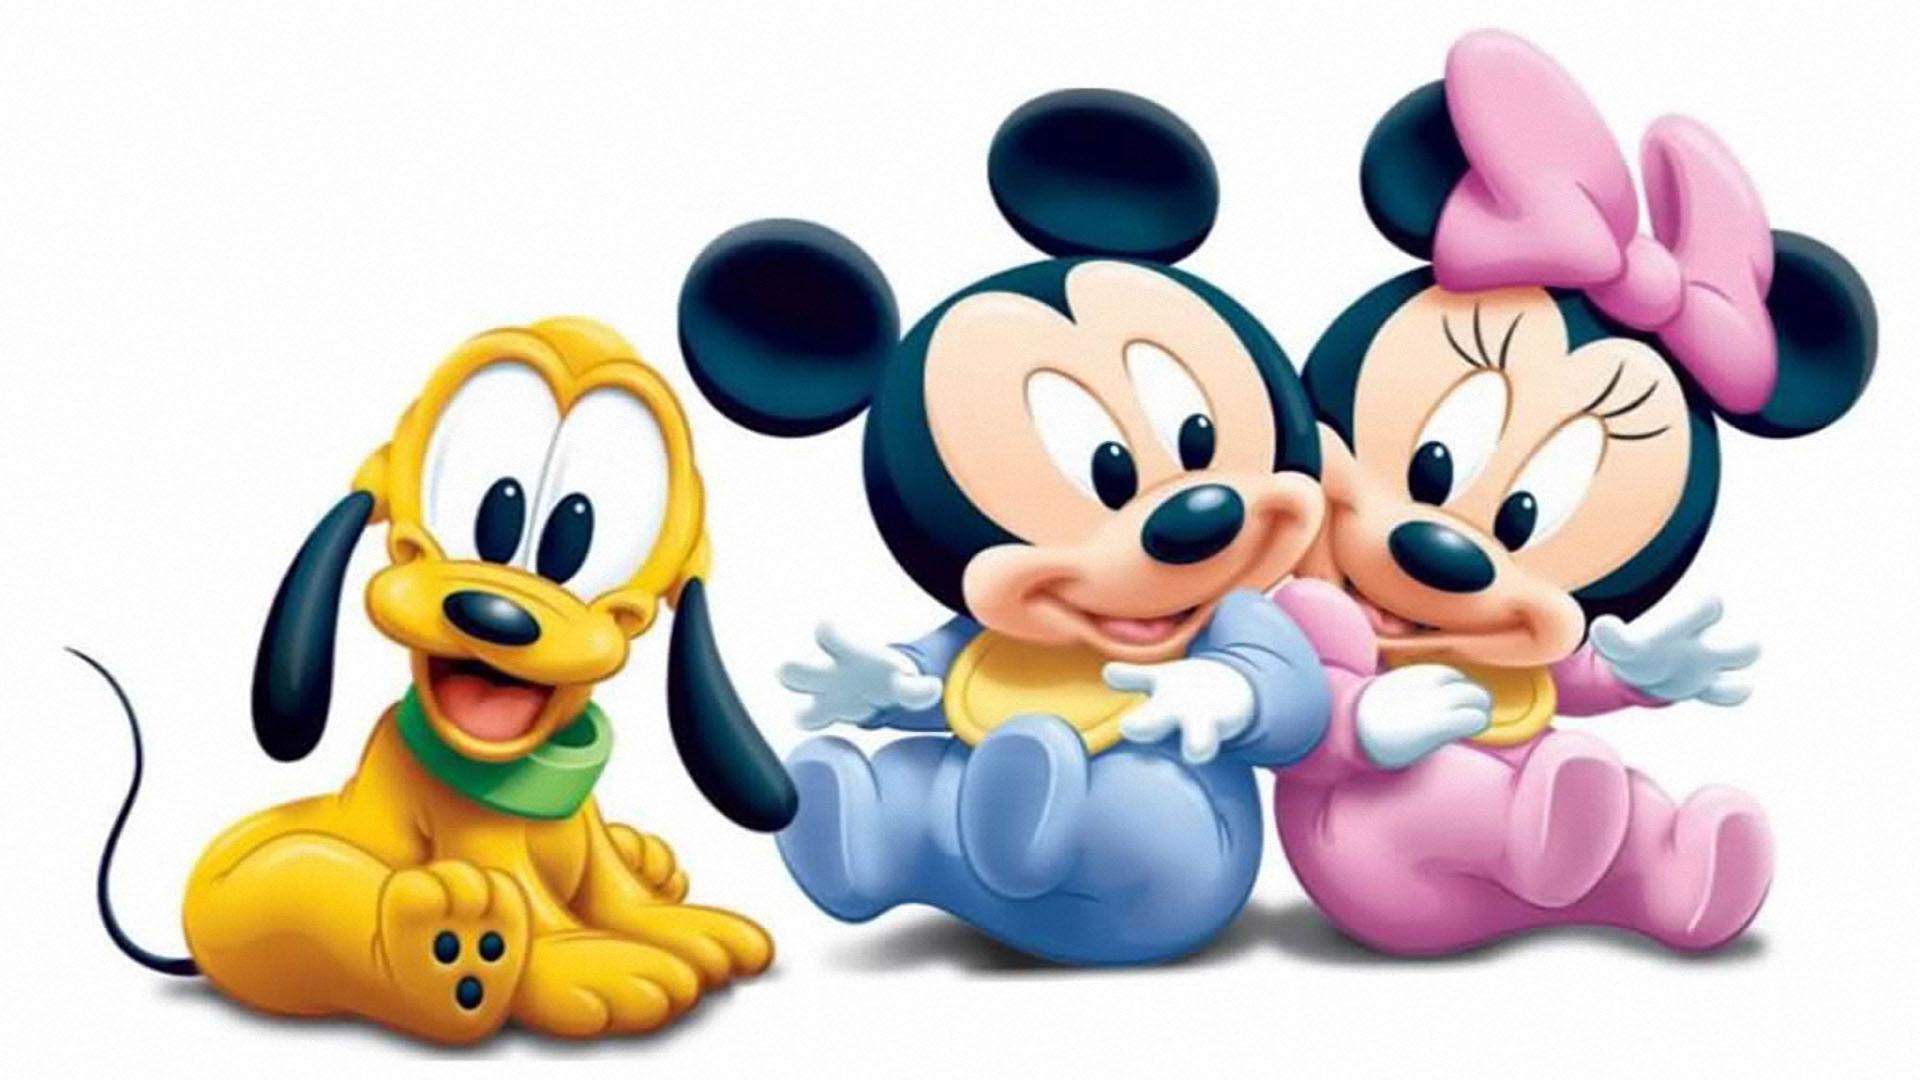 Bebes Disney wallpaper hd Wallpaper Hd   Fondos de pantalla HD High 1920x1080